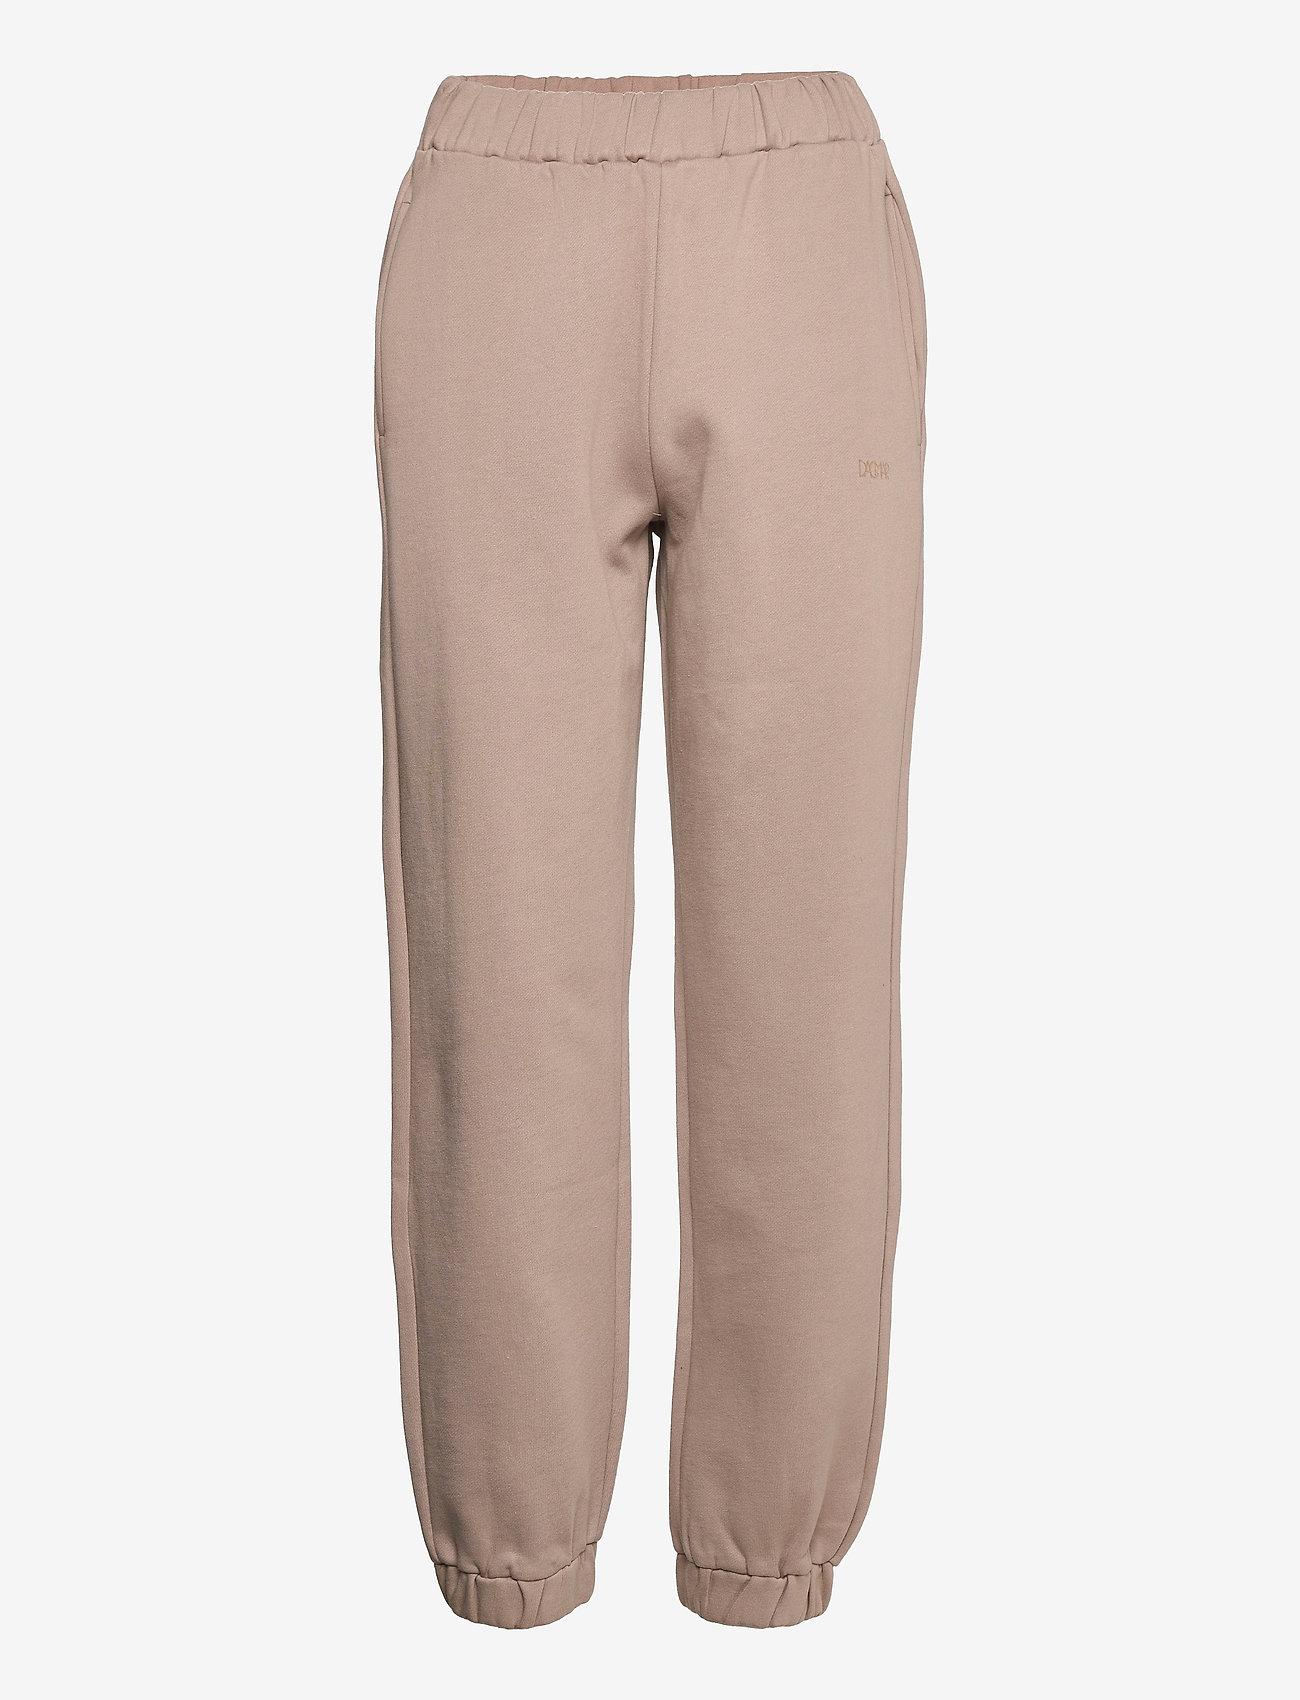 Dagmar - Jam pants - kleidung - nocciola - 0